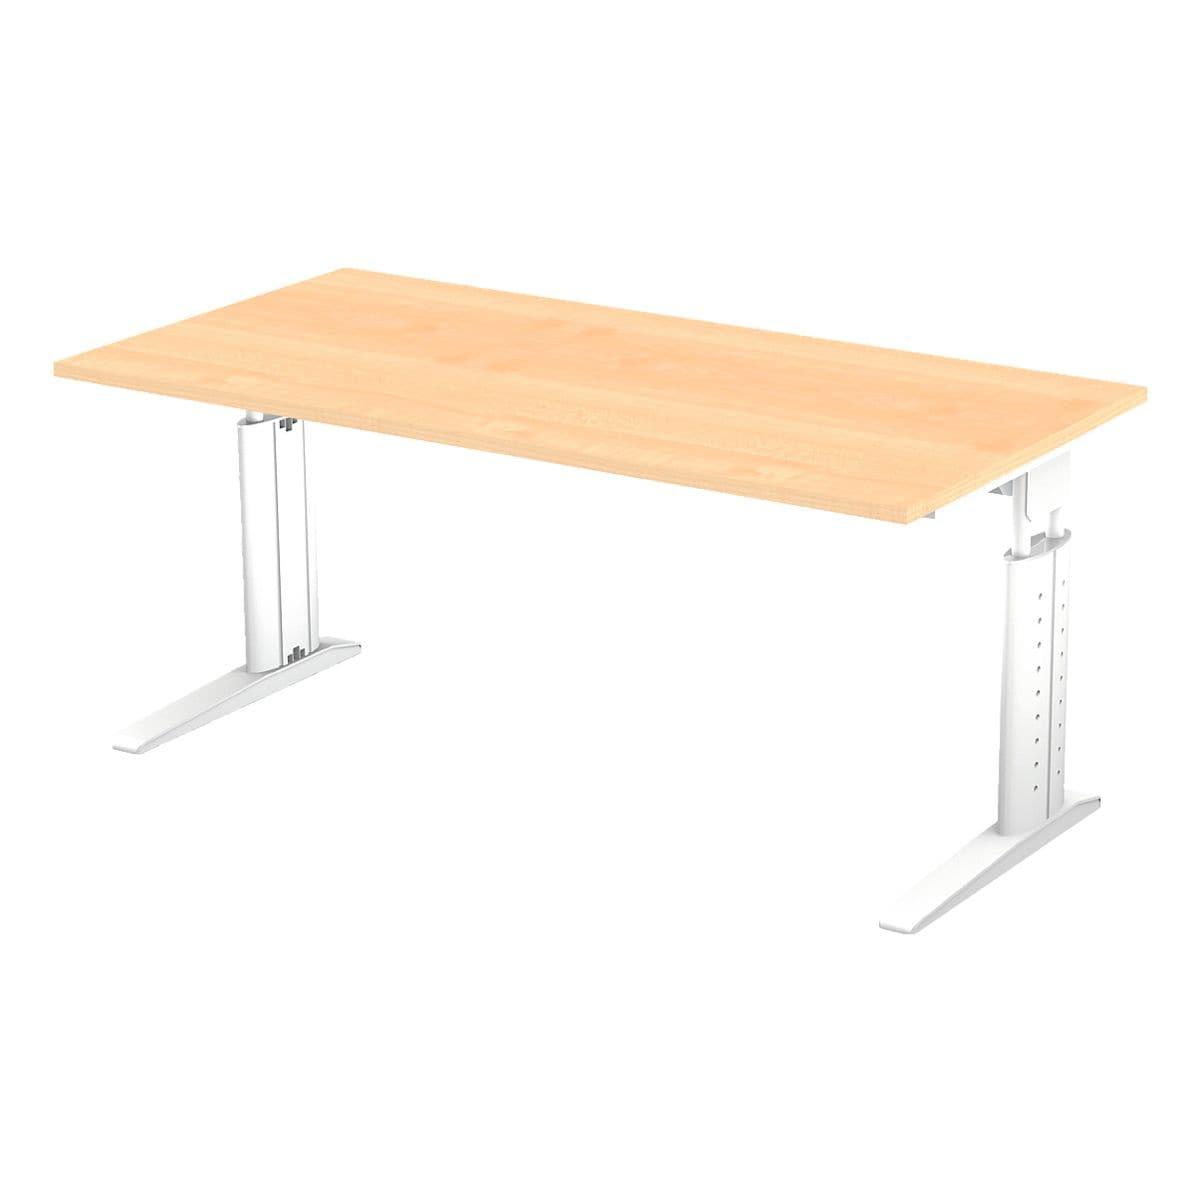 otto office premium bureau otto office line iii 160 cm l onderstel wit voordelig bij otto. Black Bedroom Furniture Sets. Home Design Ideas